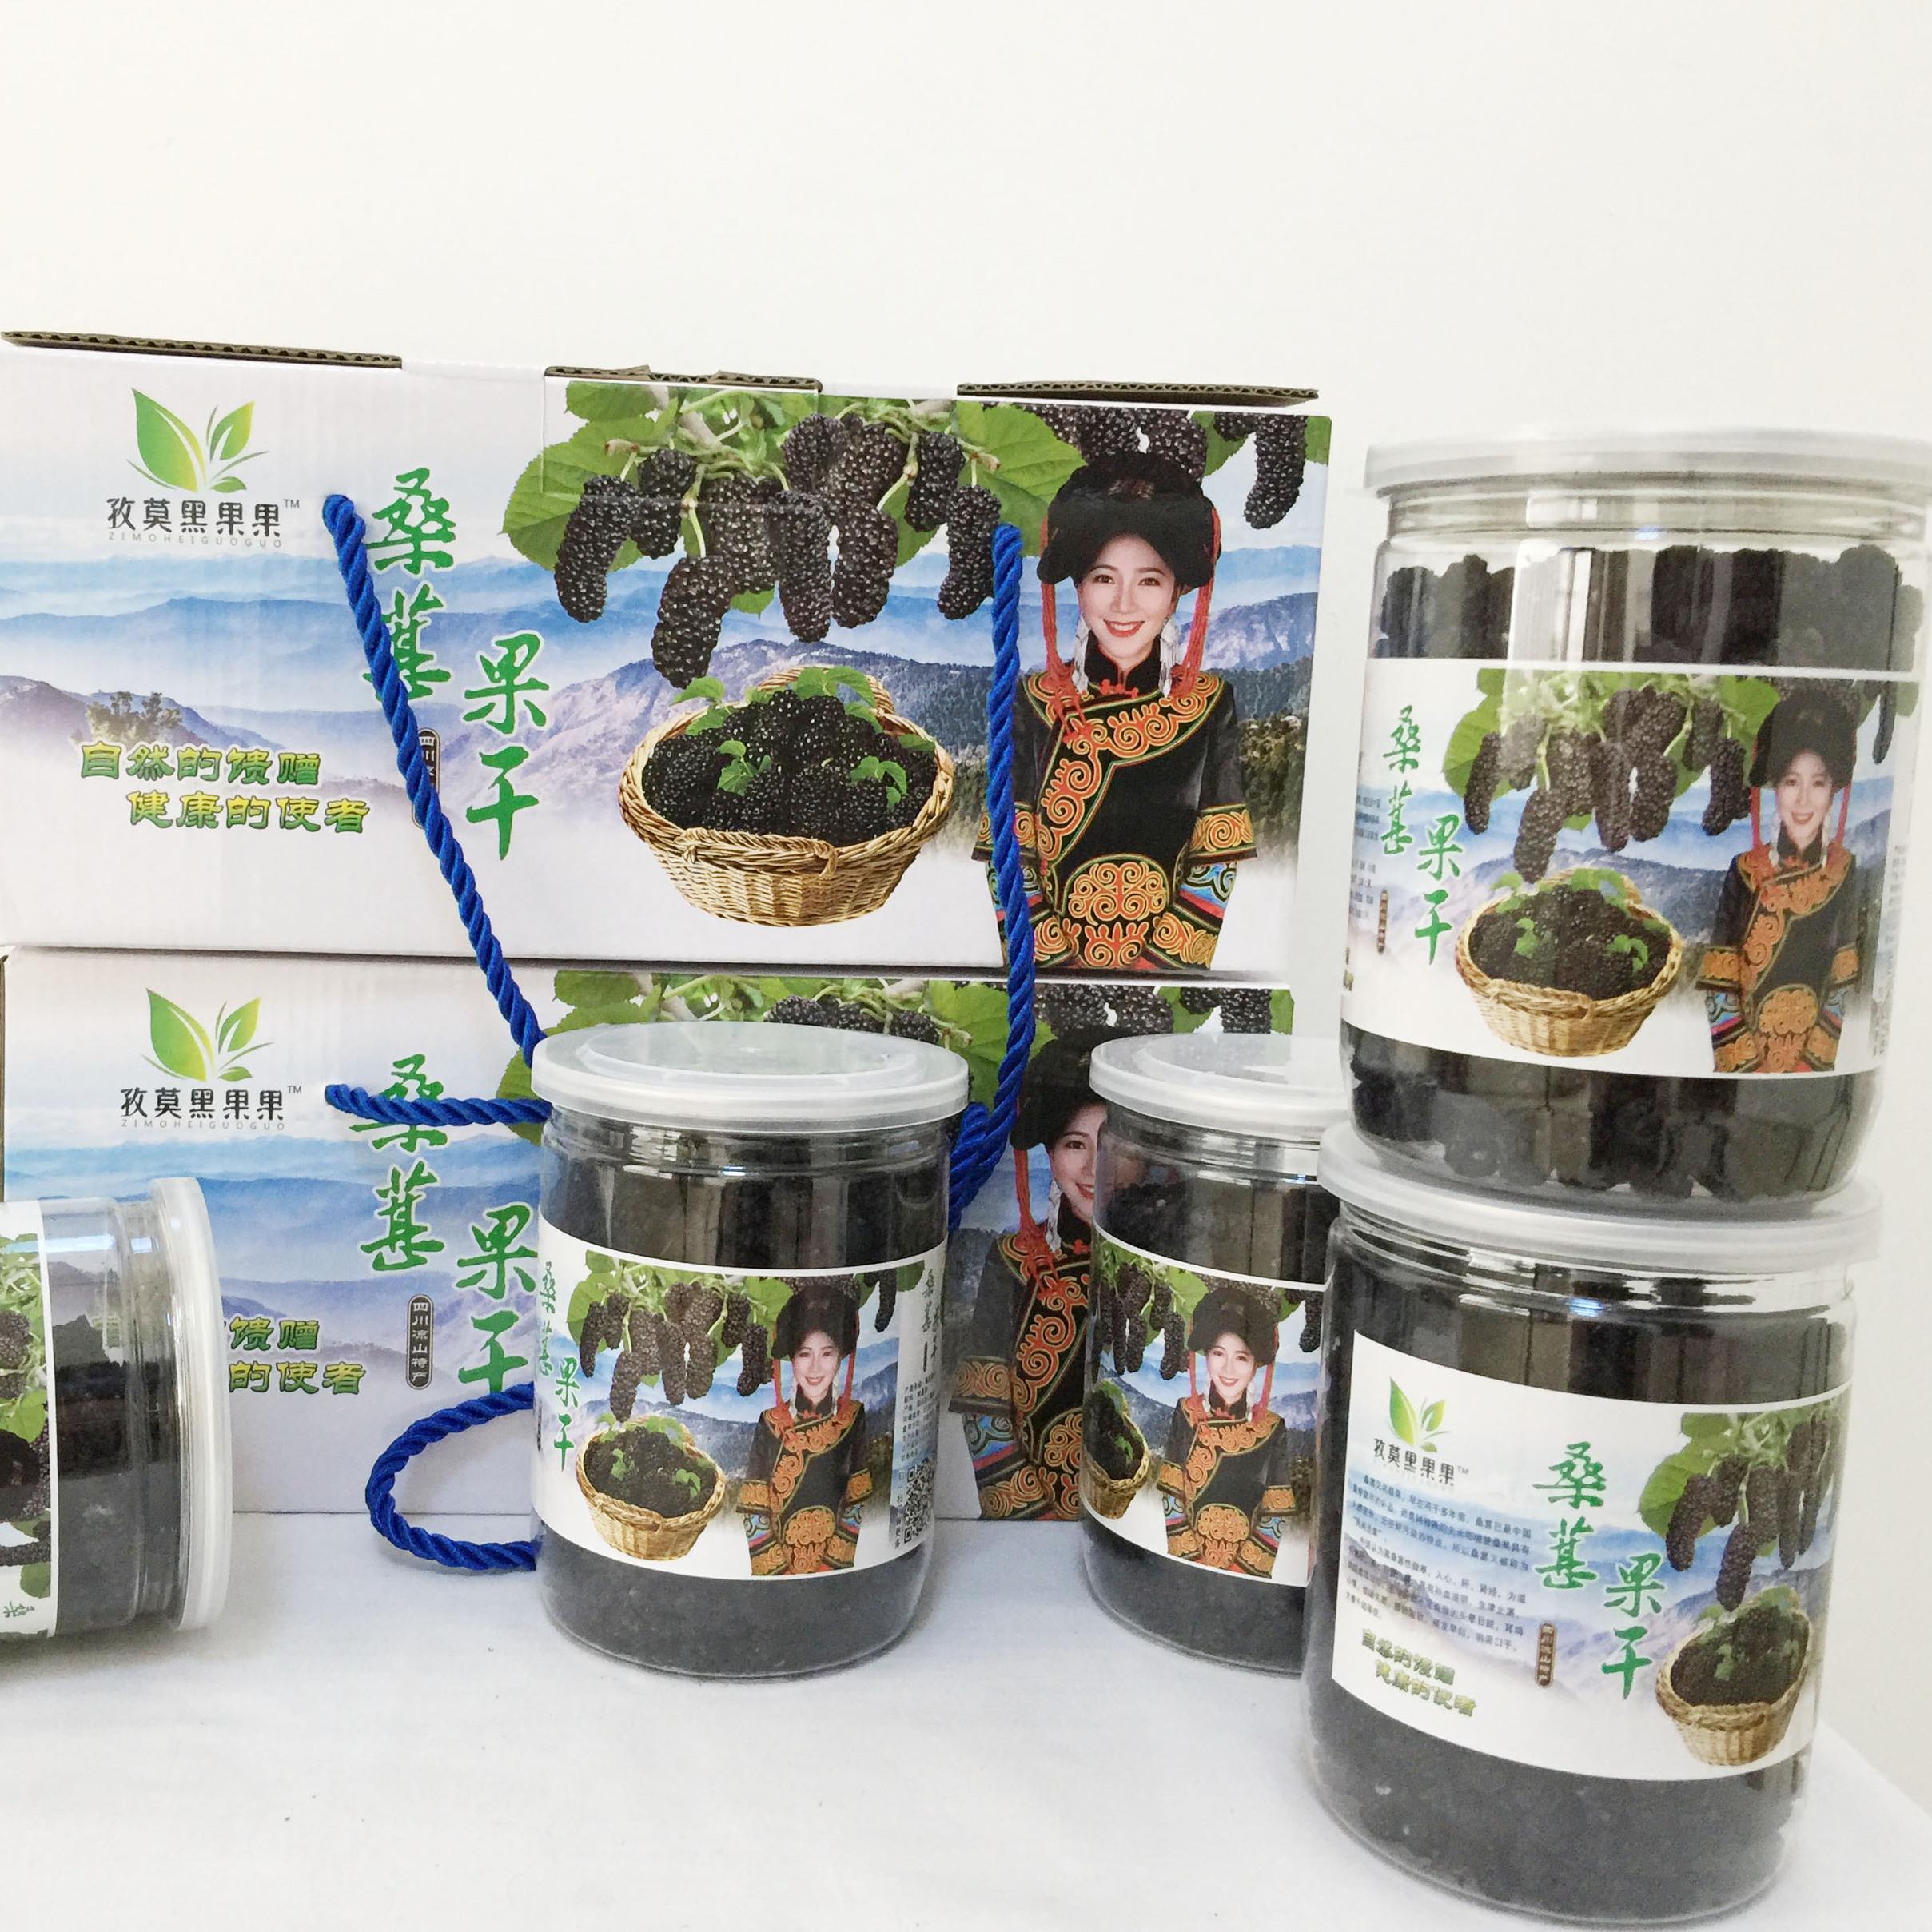 德昌孜莫黑果果桑葚干600g一盒内含3罐  新鲜桑椹果干桑果做桑葚子膏酒茶